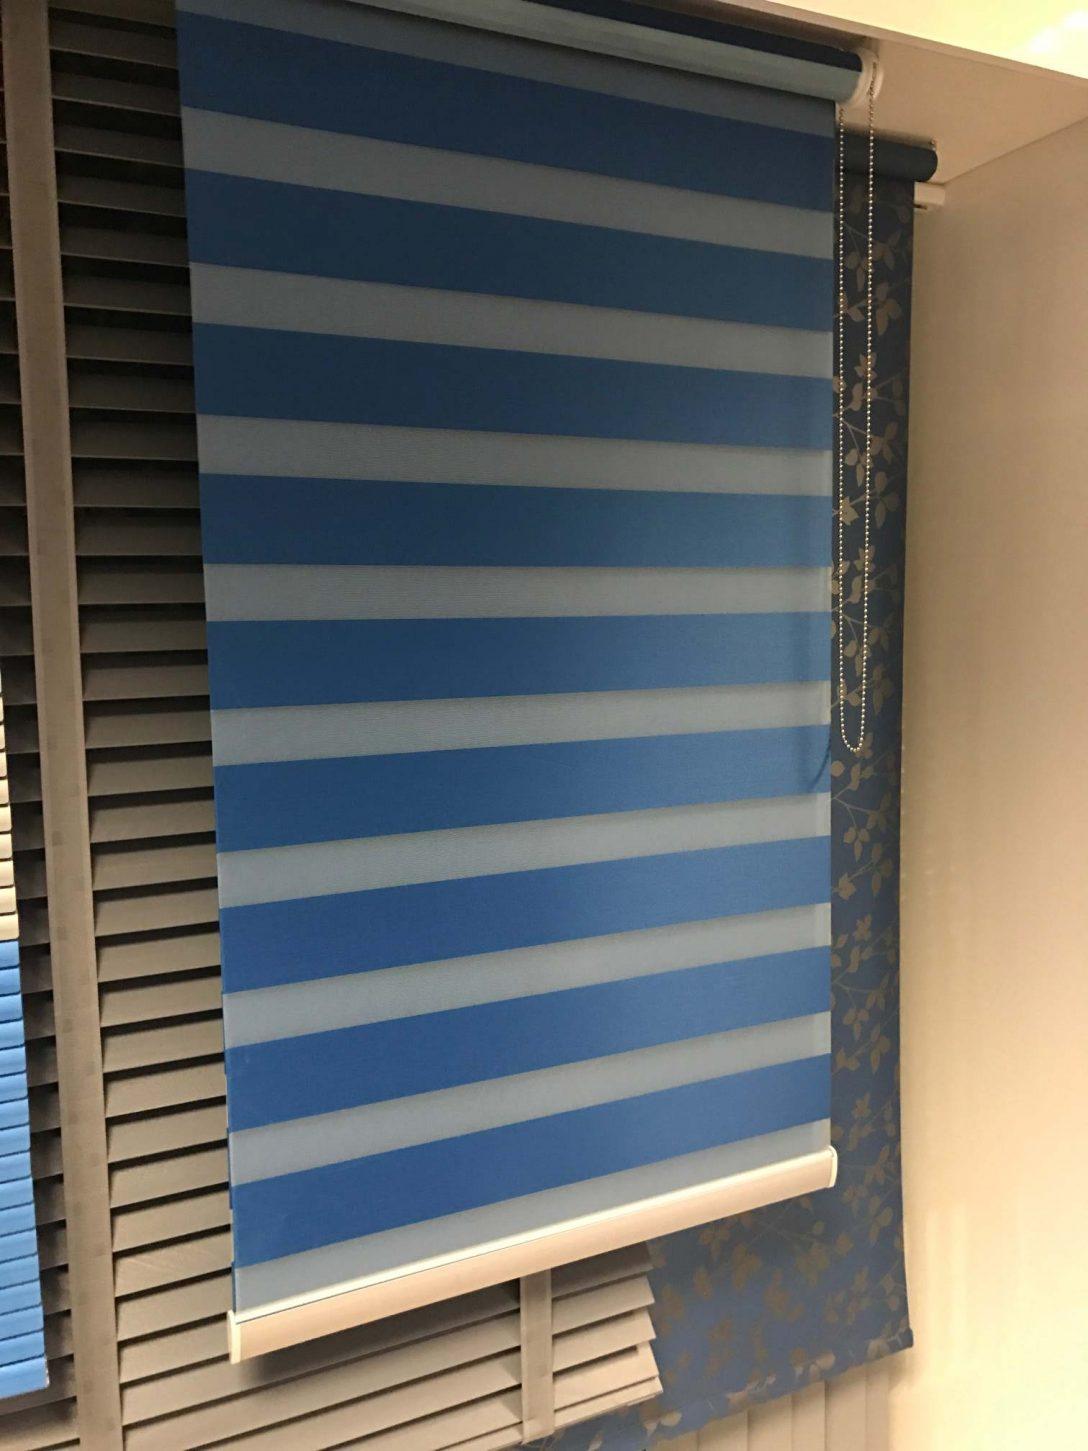 Large Size of Fensterrollo Innen Sonnenschutzfolie Fenster Jalousien Sonnenschutz Jalousie Küche Gewinnen Sprüche T Shirt Junggesellinnenabschied Wohnzimmer Fensterrollo Innen